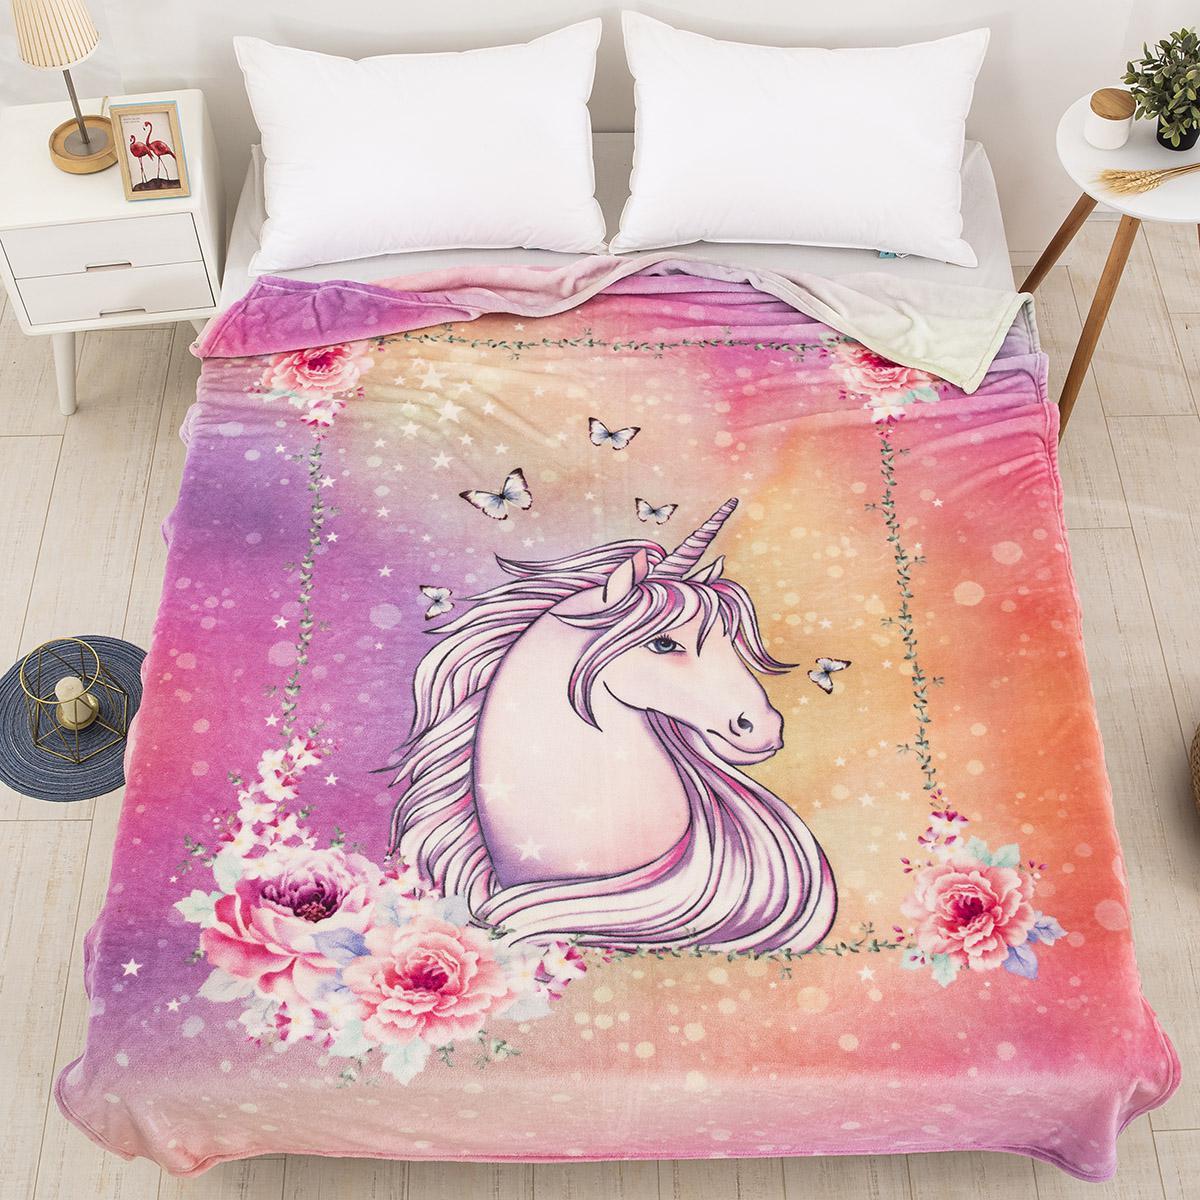 Κουβέρτα μονή Art 6114 160×220 Εμπριμέ Beauty Home